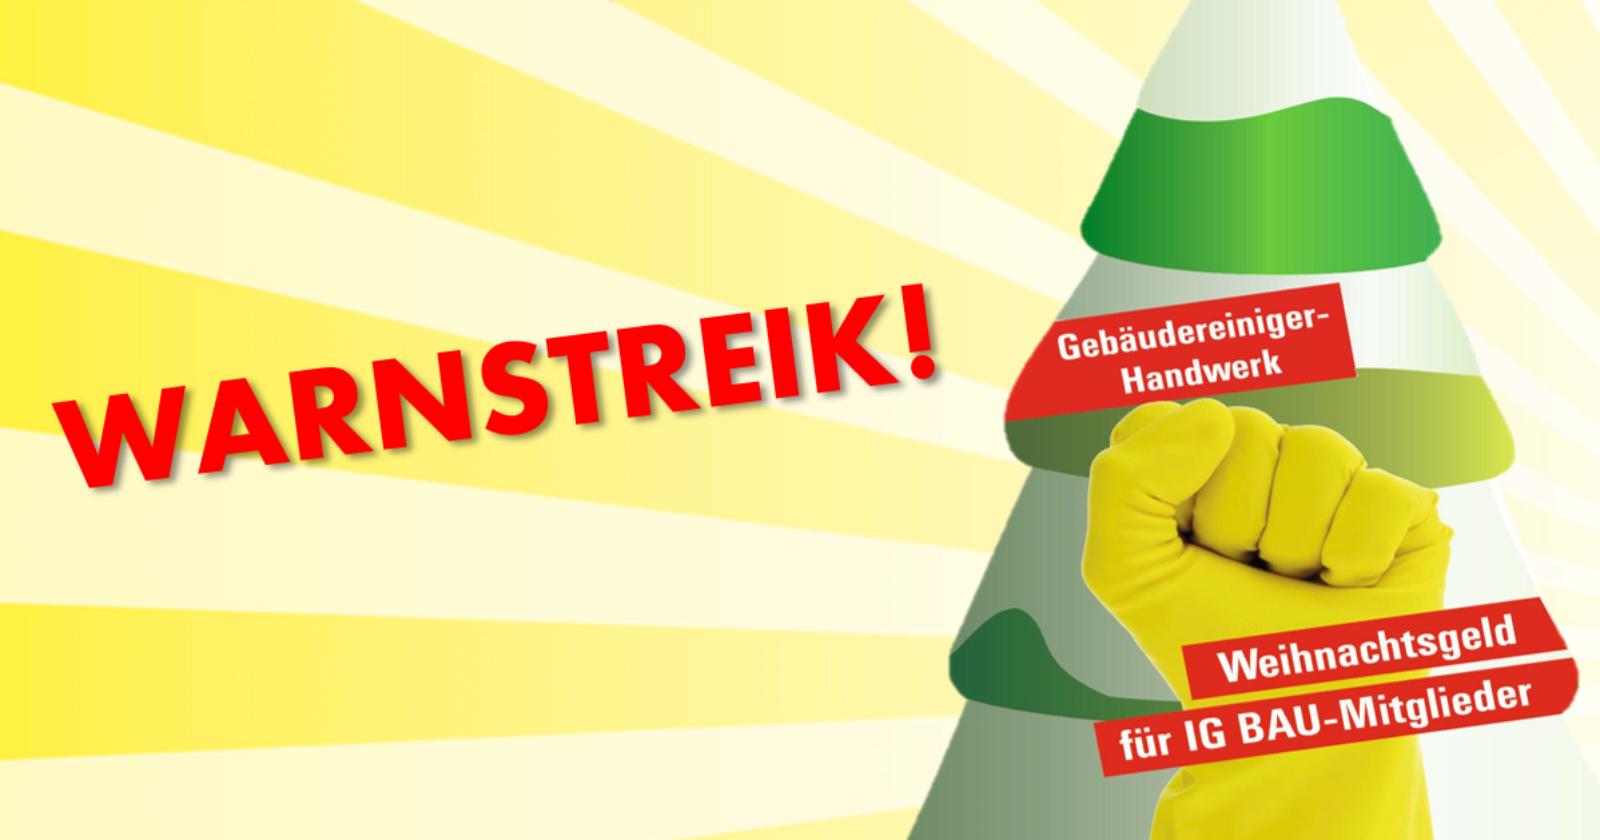 Tarifrunde im Gebäudereiniger-Handwerk - IG BAU startet Warnstreiks für Weihnachtsgeld